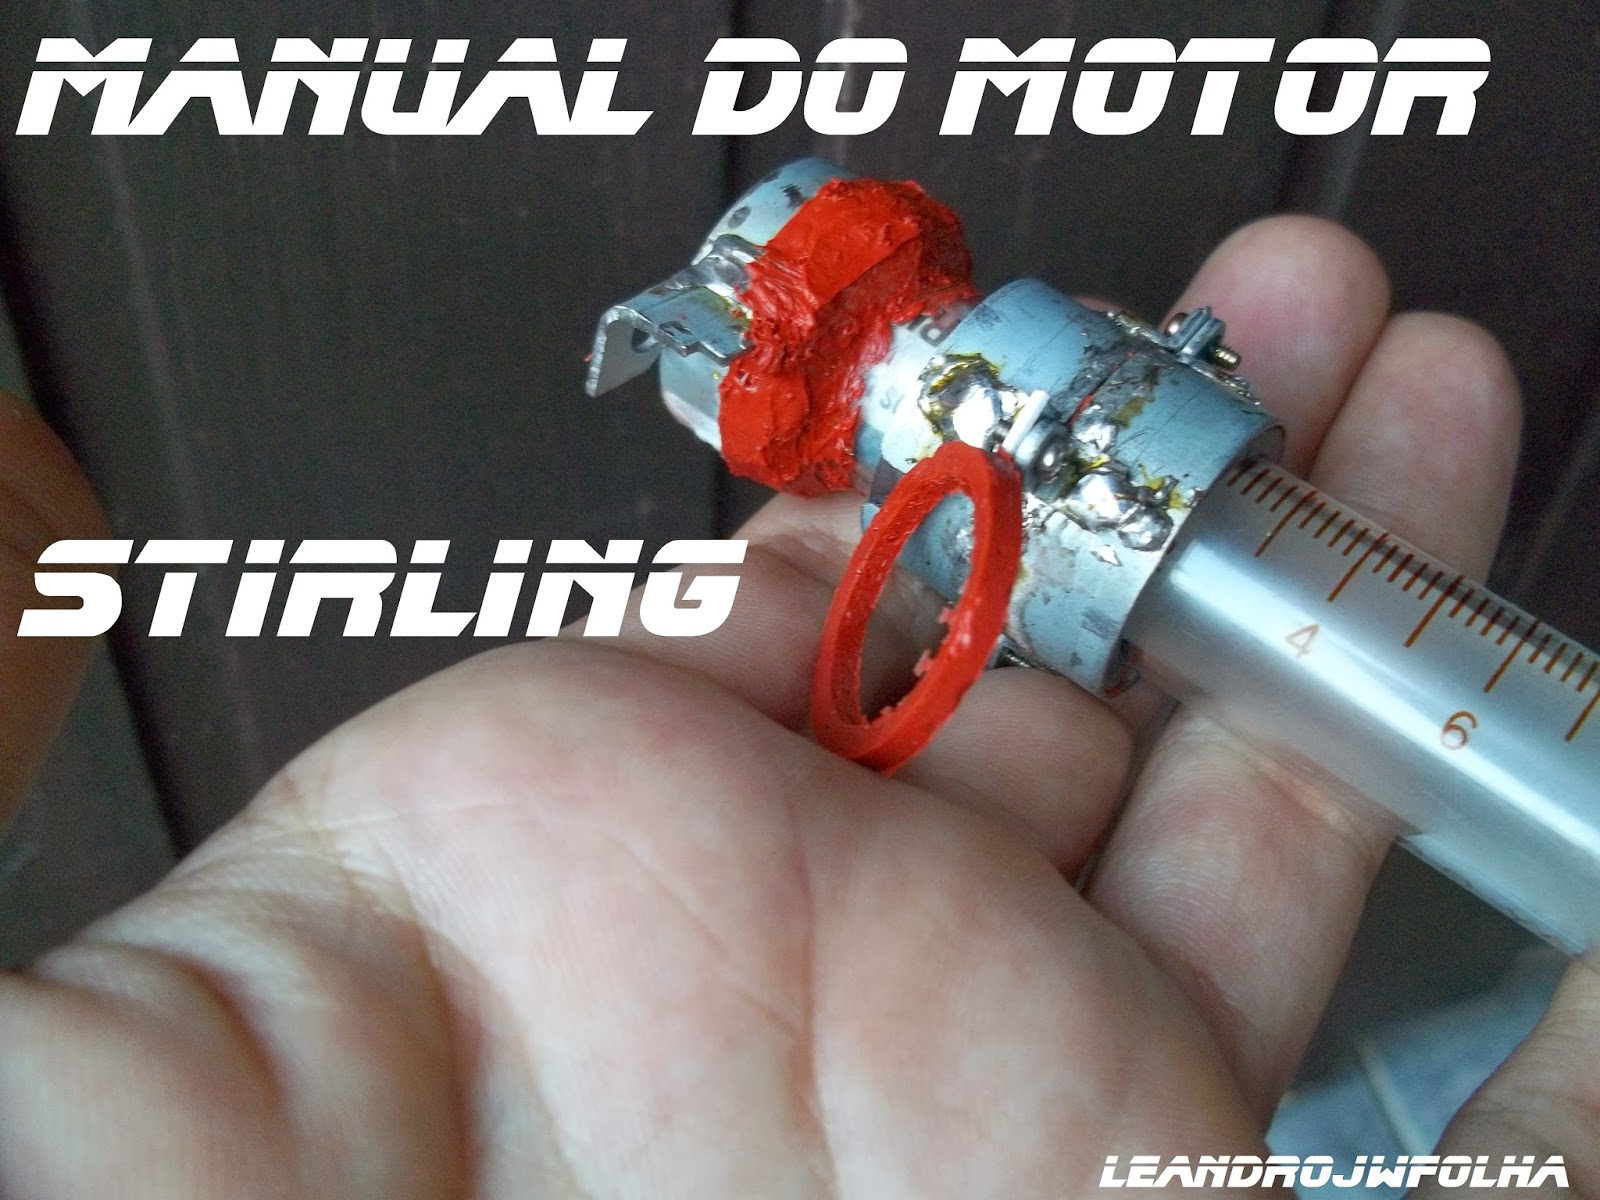 Manual do motor Stirling, borracha de vedação, feita com silicone de alta temperatura